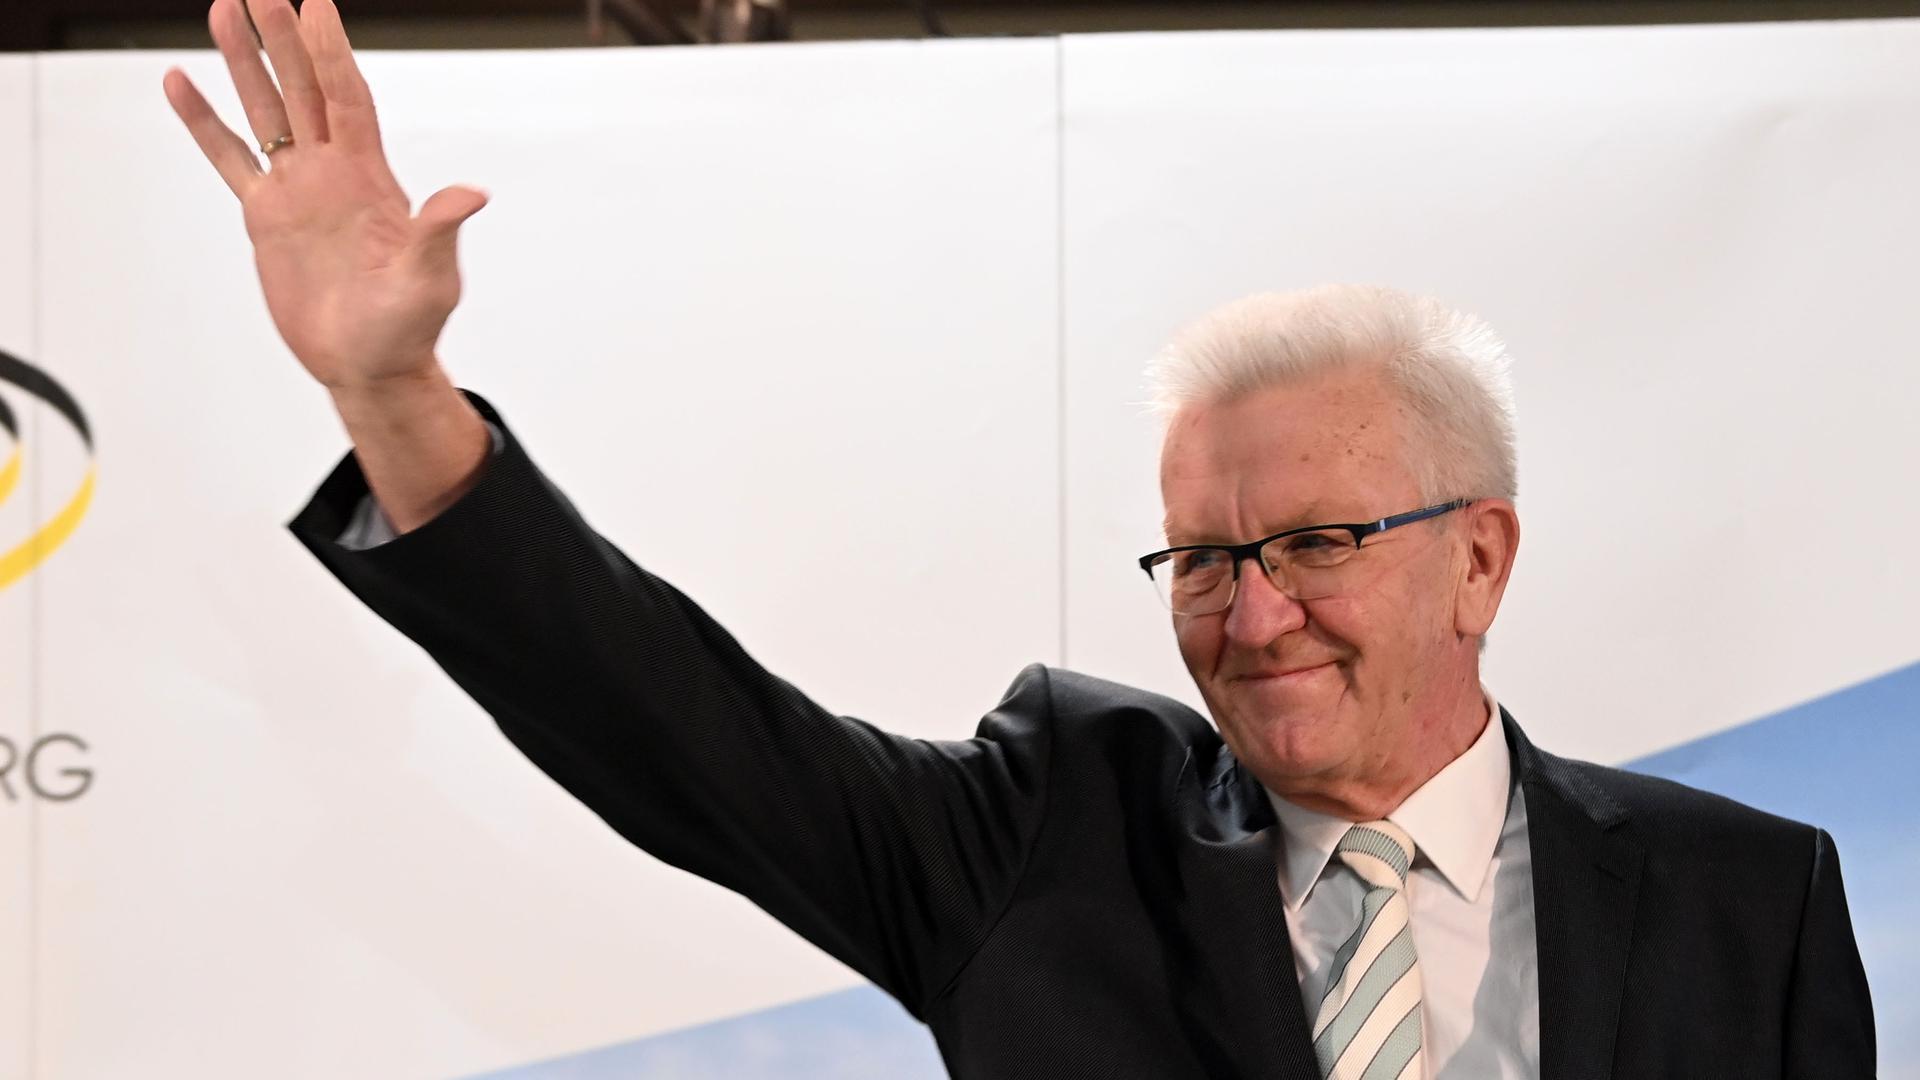 Winfried Kretschmann (Bündnis 90/Die Grünen), Ministerpräsident von Baden-Württemberg und Spitzenkandidat der Grünen, winkt nach der Bekanntgabe erster Ergebnisse der Landtagswahlen in Baden-Württemberg.